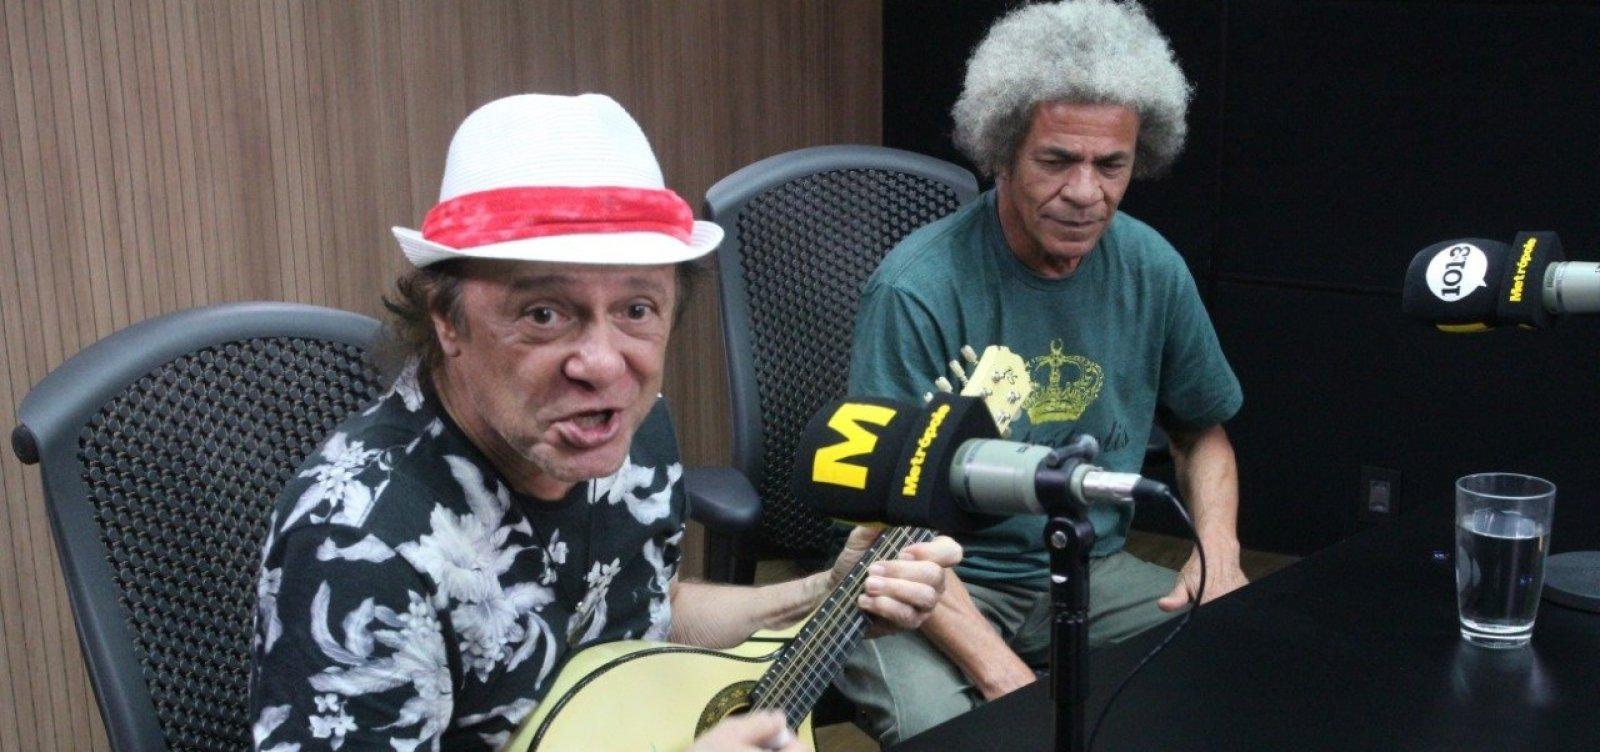 [Armandinho revela ter sido agredido por tocar Hino do Bahia: 'Tive epicondilite lateral']